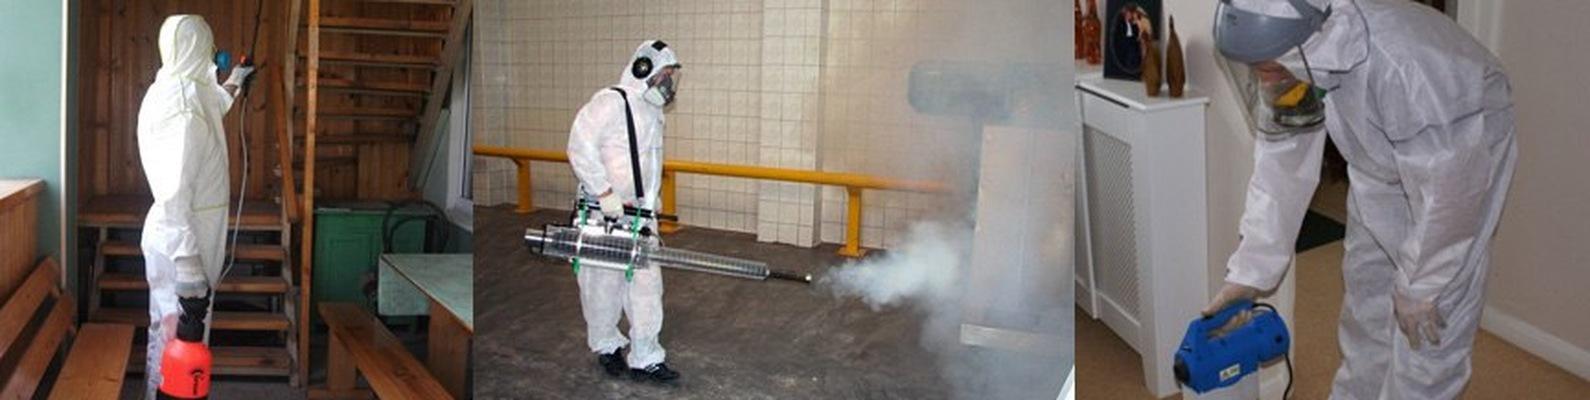 Дезинфекция курятника в домашних условиях: чем обработать помещение от клещей и других паразитов?